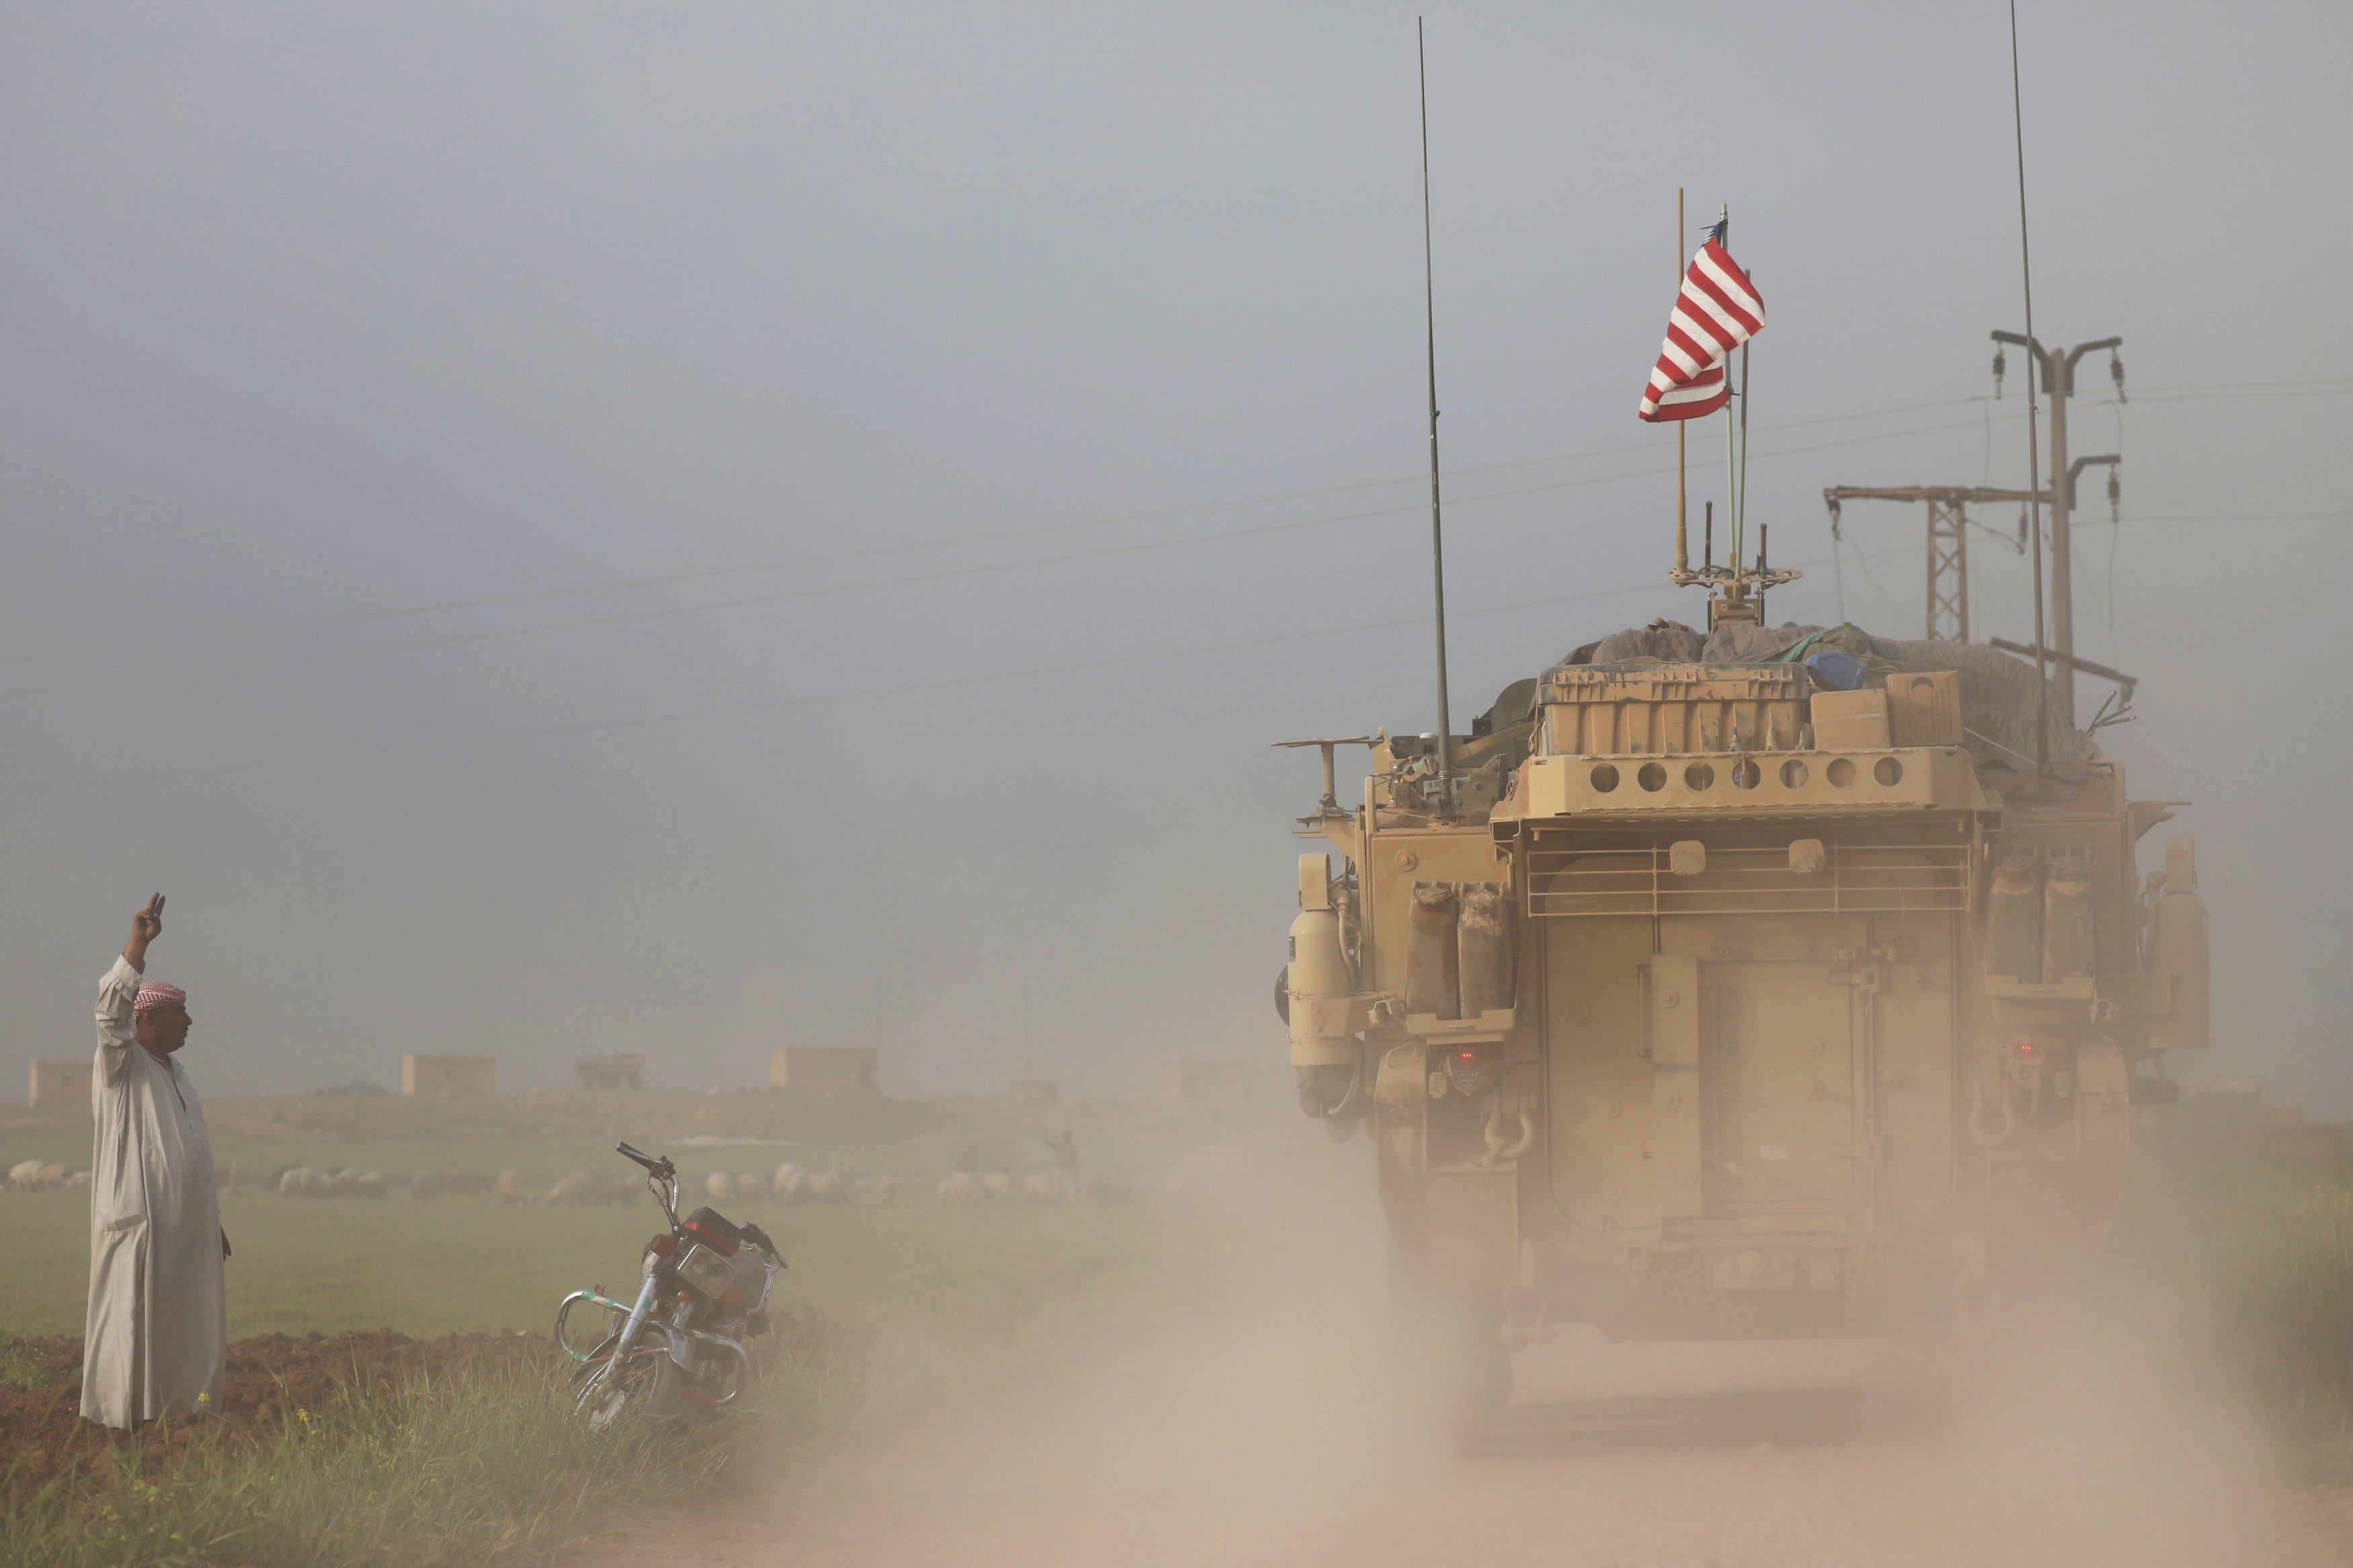 الانسحاب الأميركي من سورية؛ تداعيات وسيناريوهات ملء الفراغ